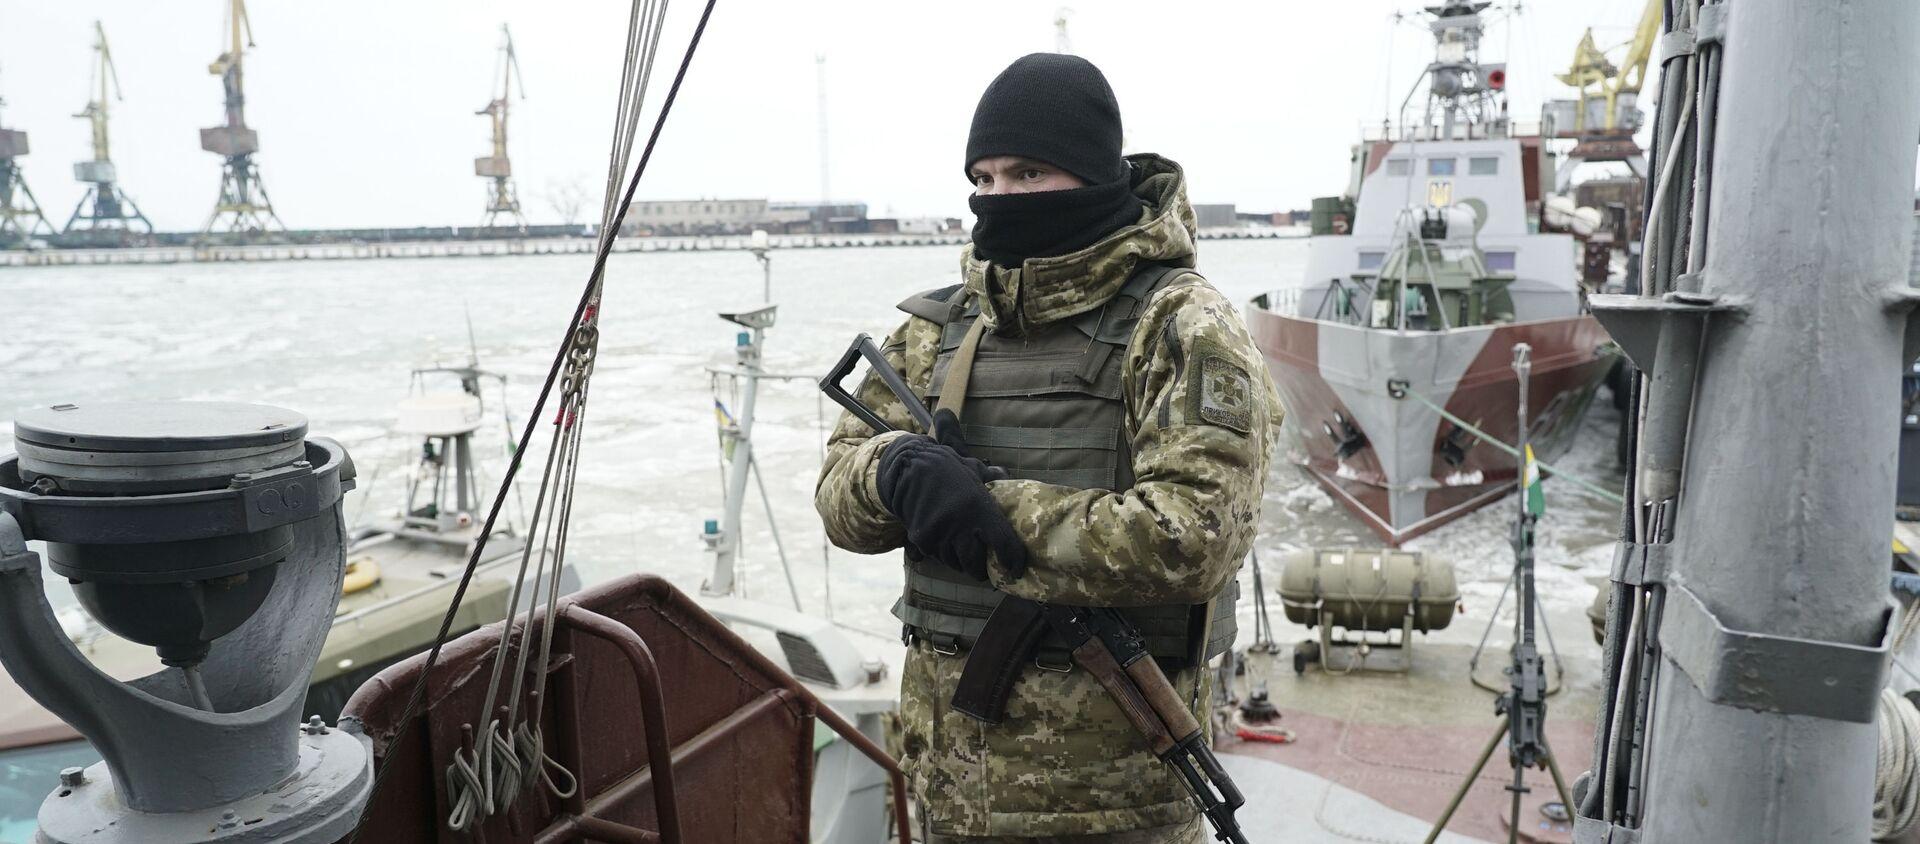 Украинский военный на борту патрульного корабля в порту Мариуполя - Sputnik Việt Nam, 1920, 19.11.2020